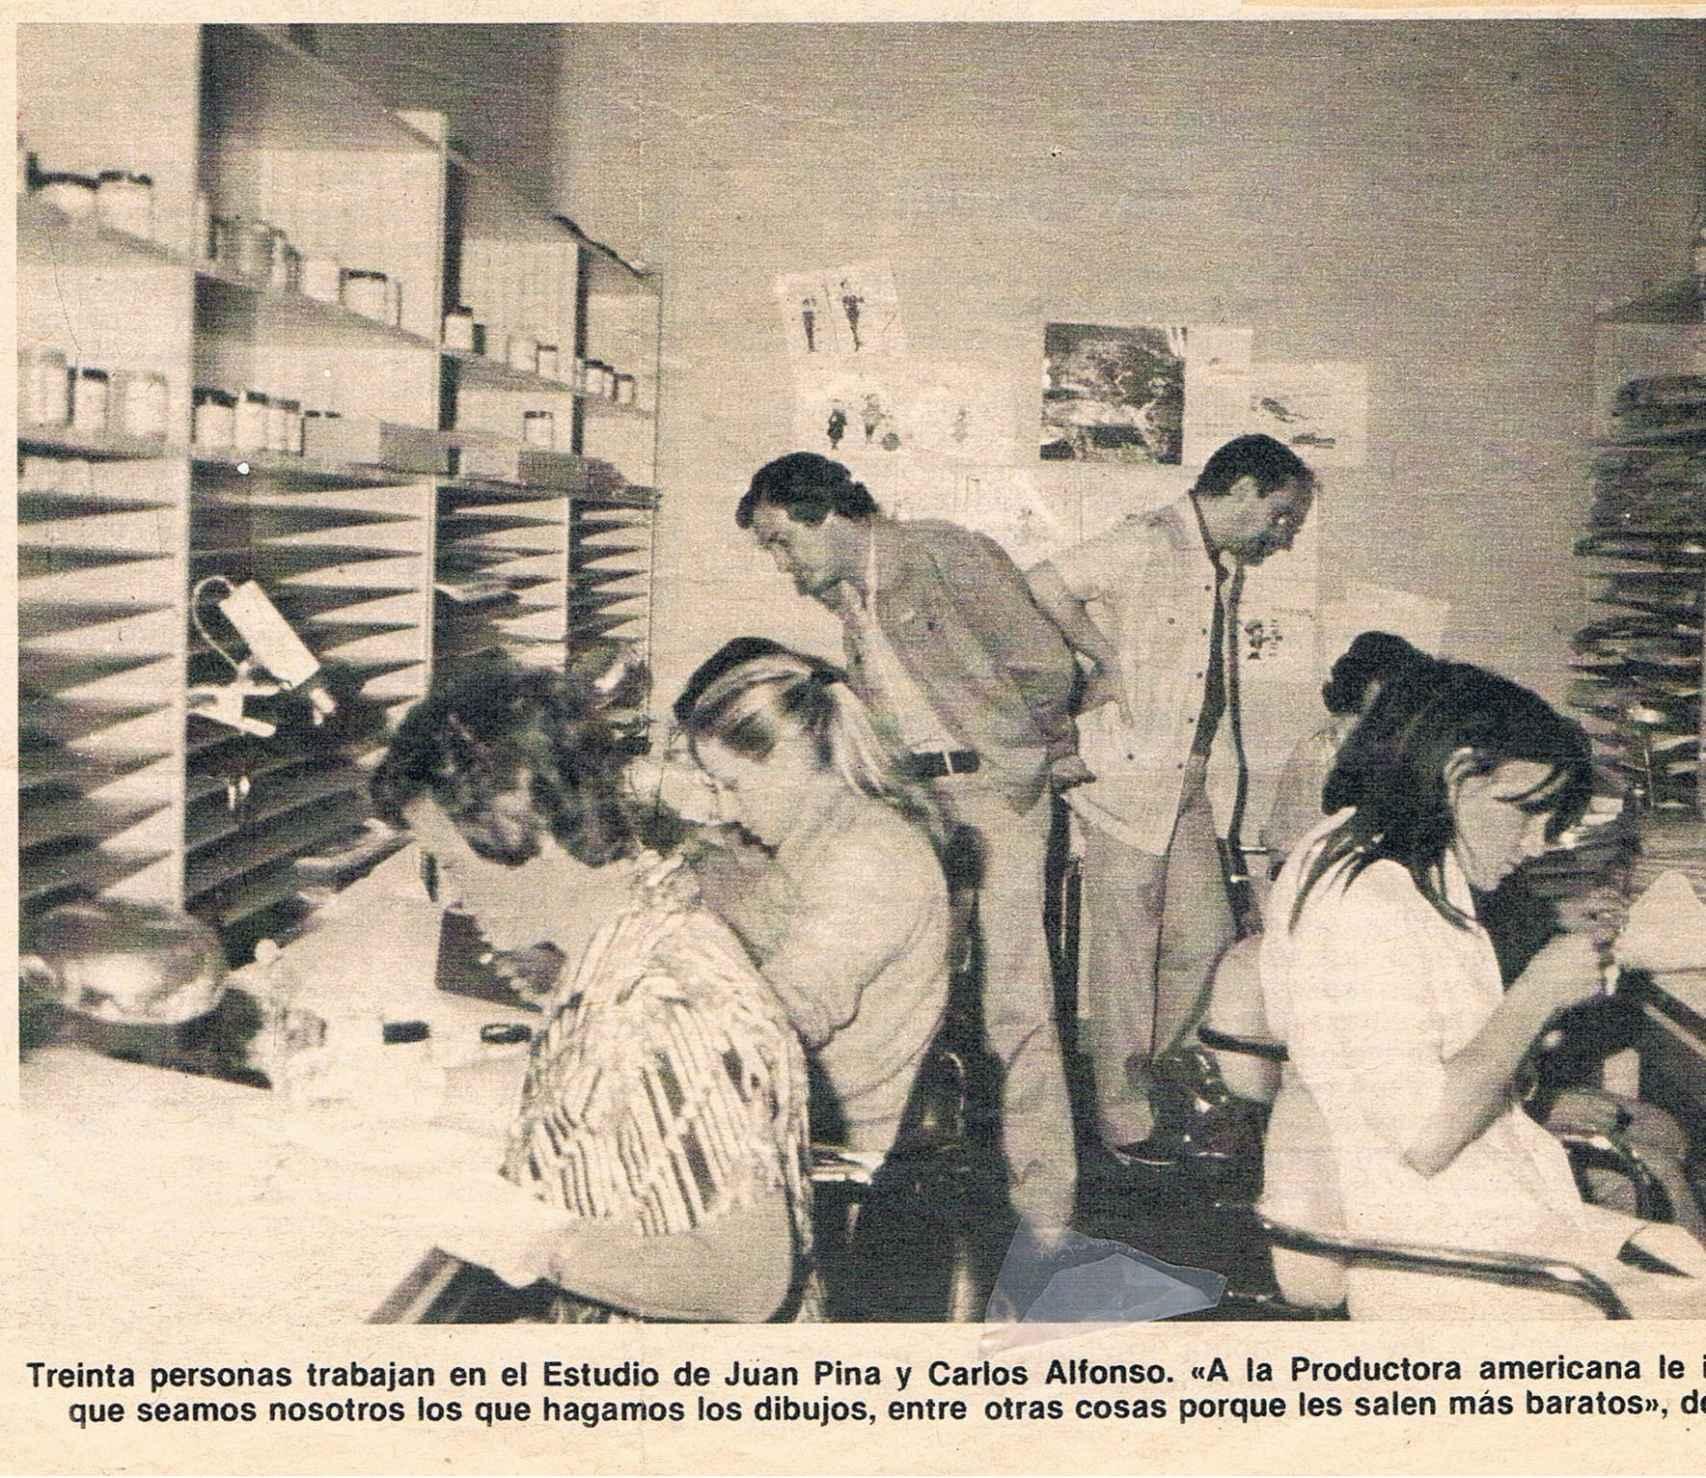 Recorte de periódico de los estudios de animación de Carlos Alfonso.